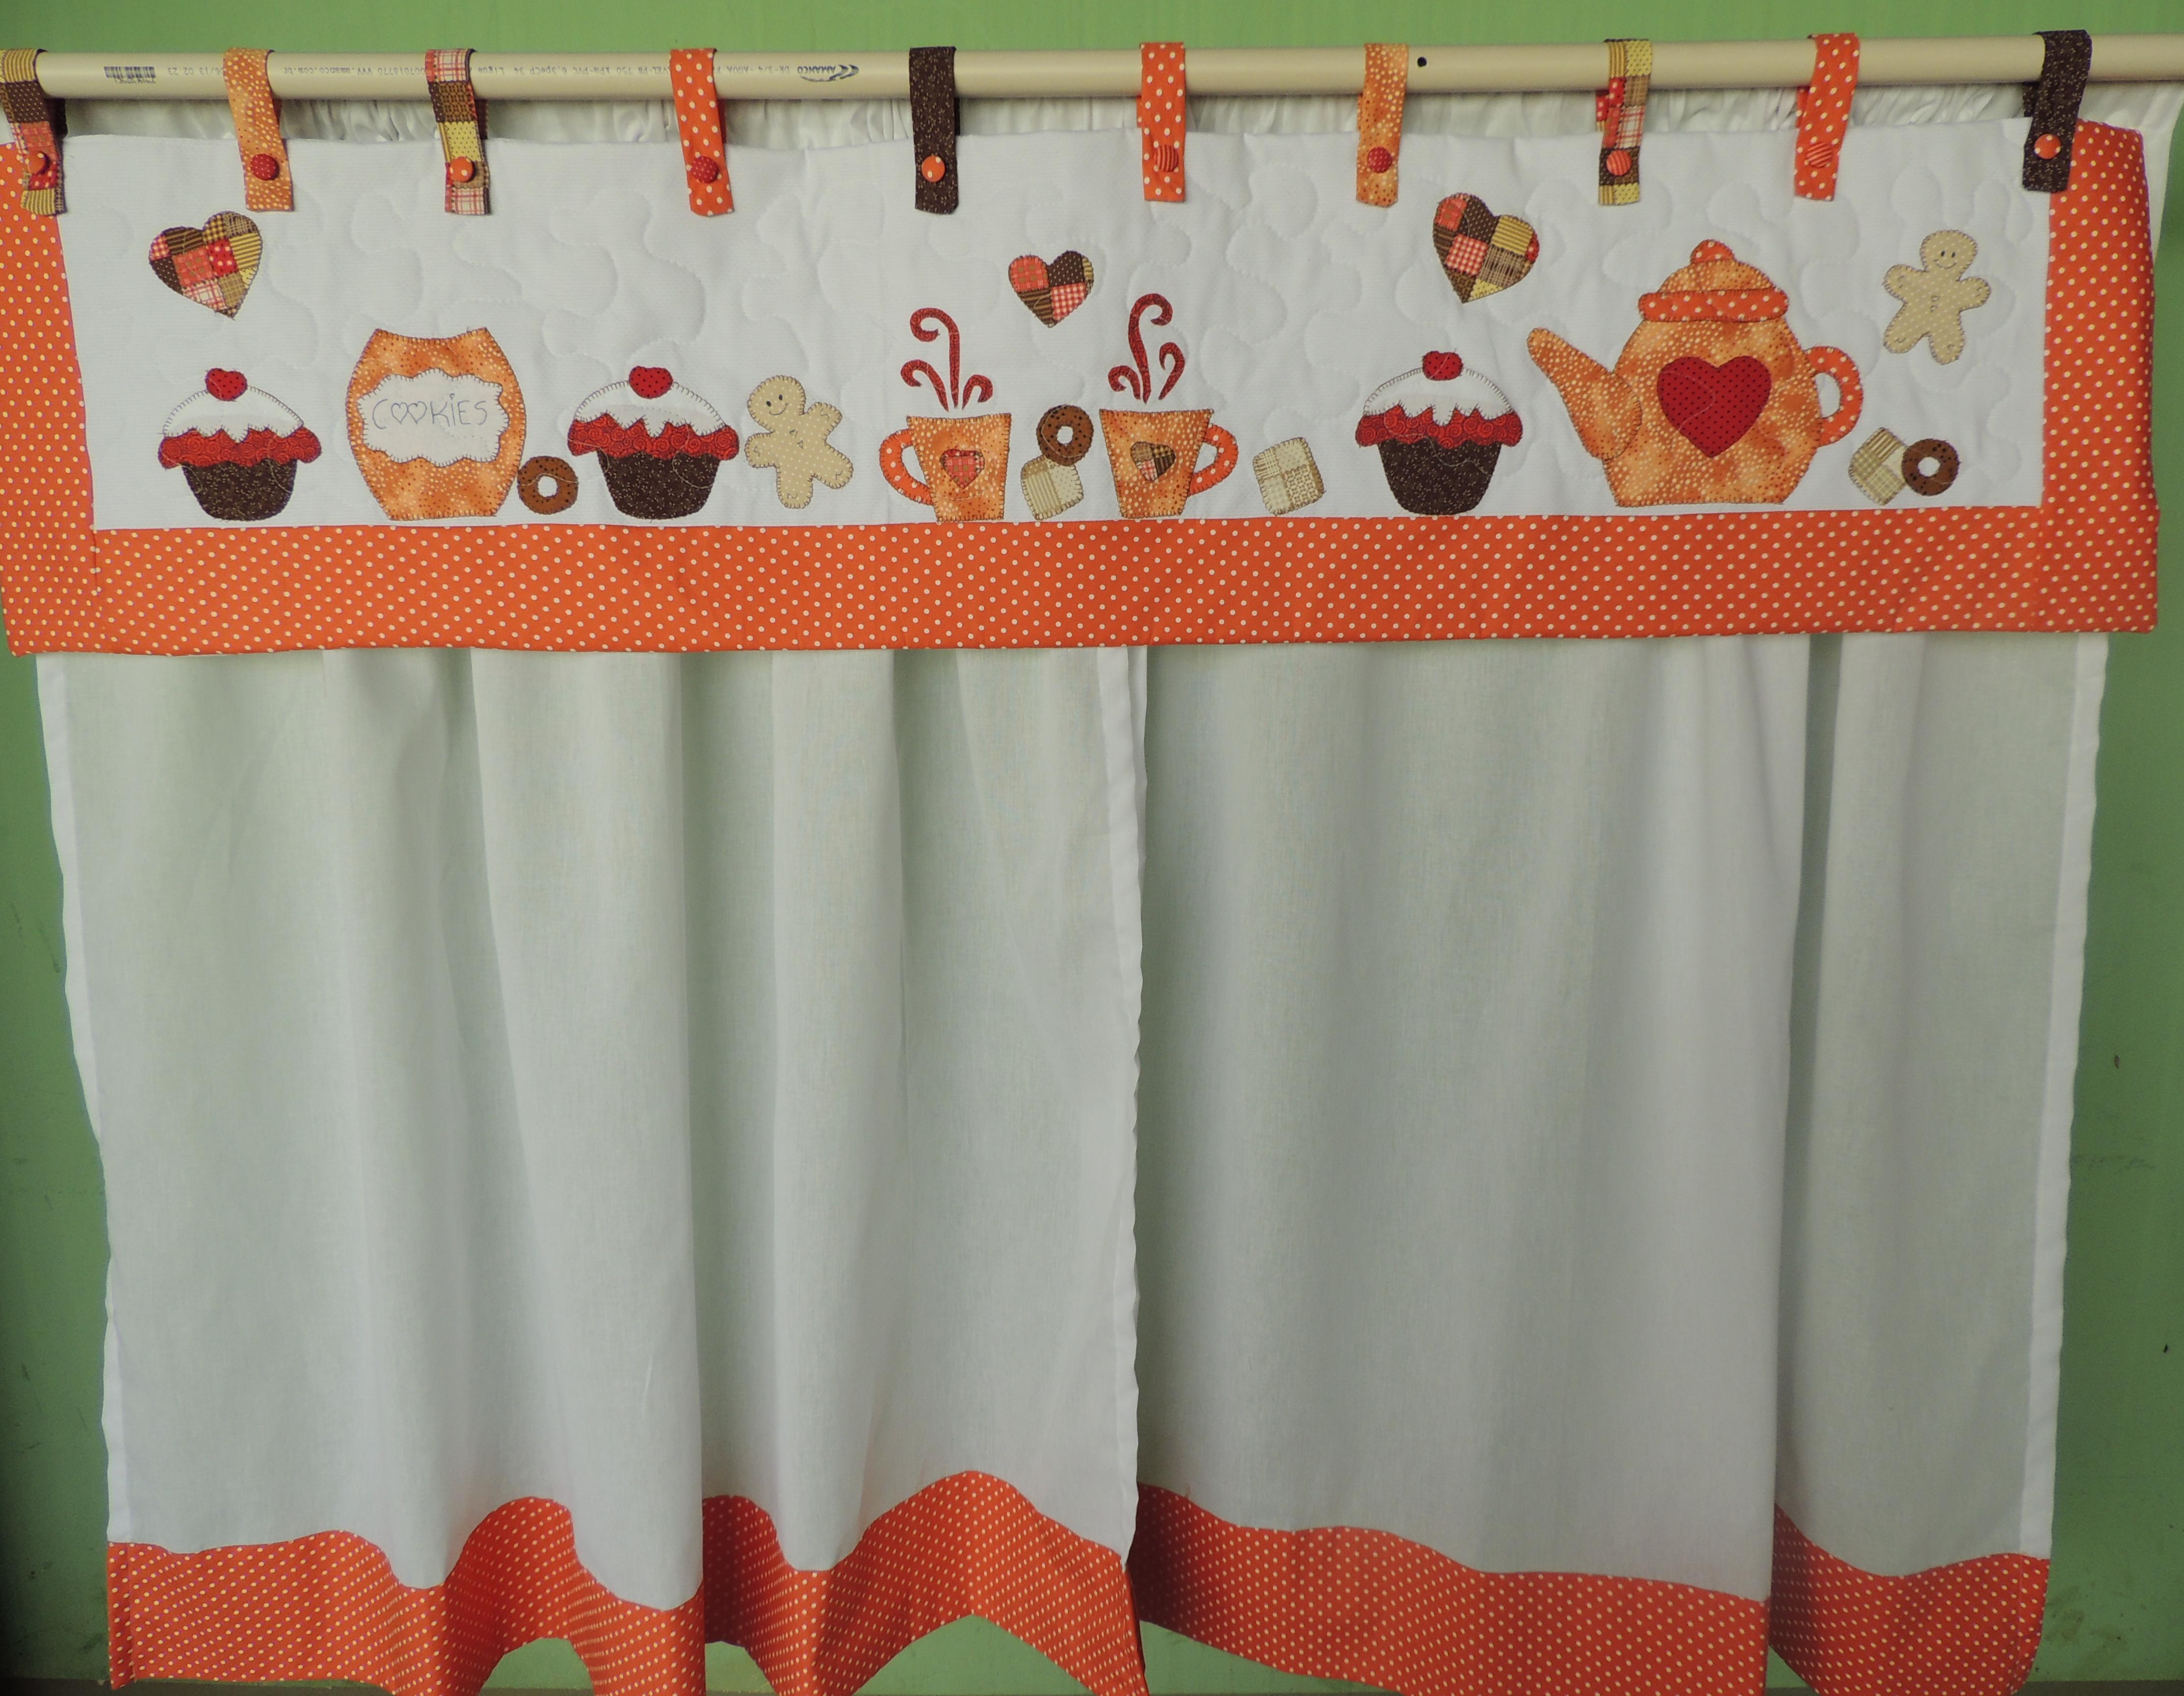 cortina de cozinha laranja patchwork mania de patch elo7